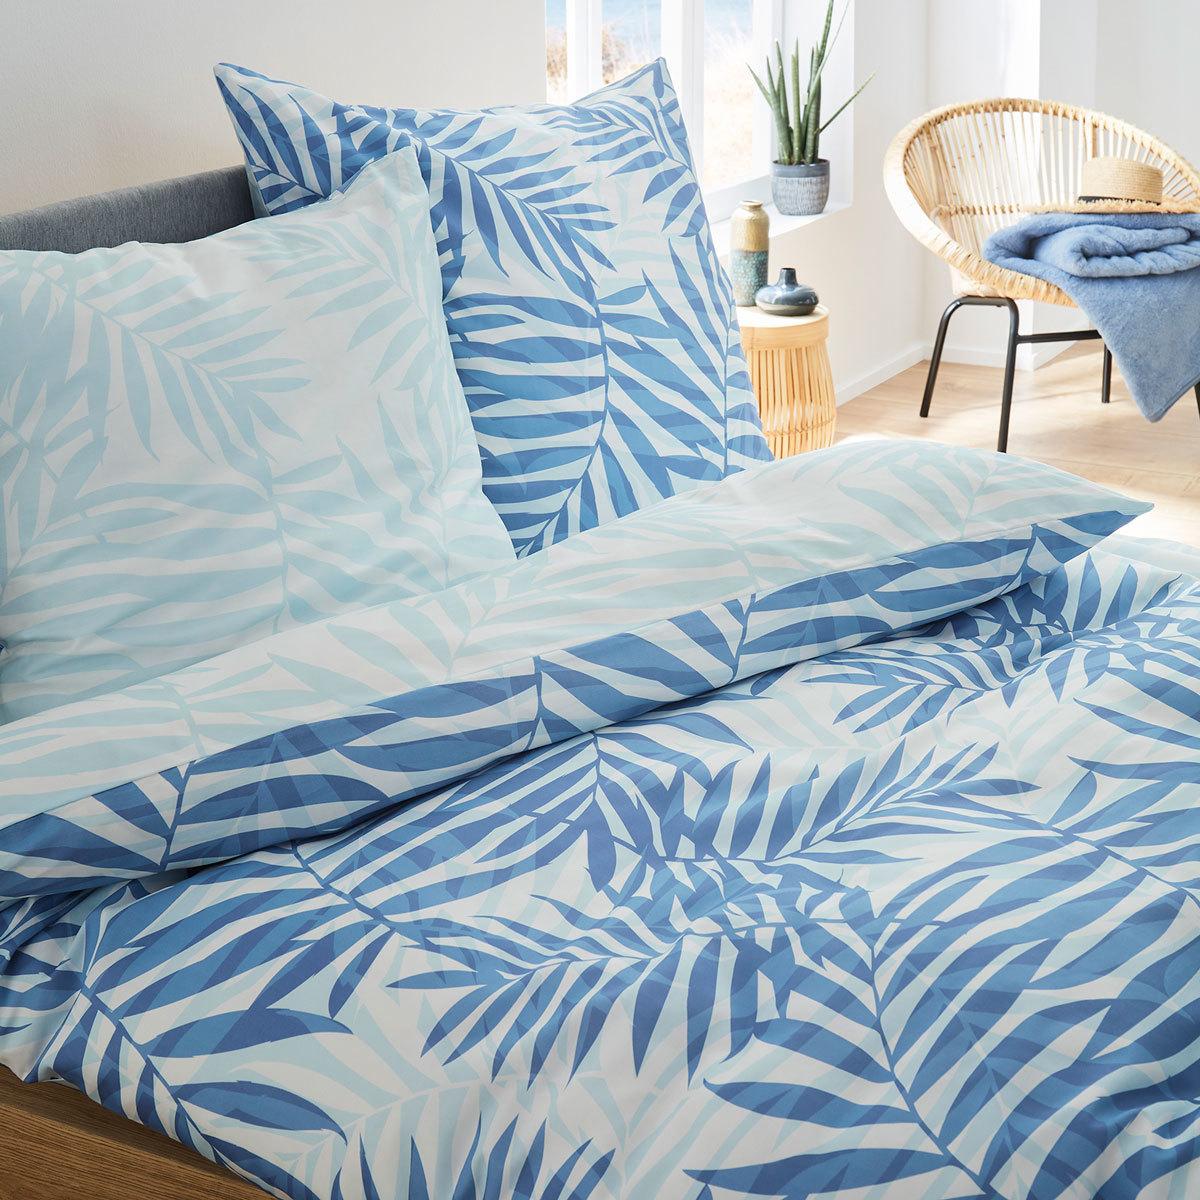 s oliver renforce bettw sche 4036 660 erfolgsteams frankfurt. Black Bedroom Furniture Sets. Home Design Ideas